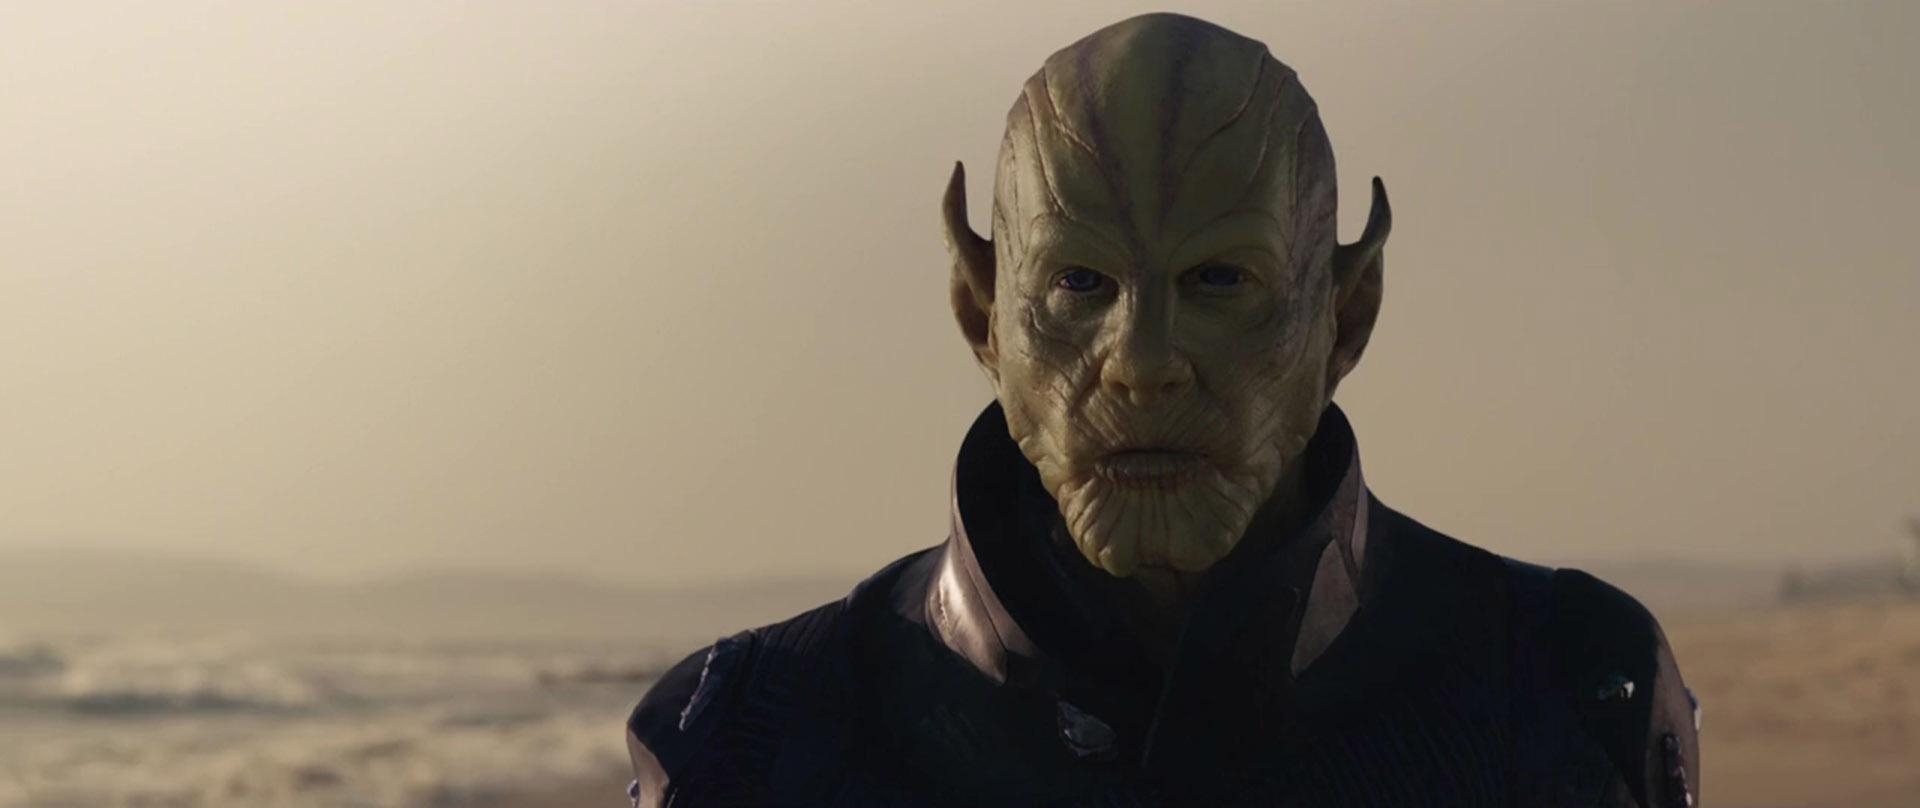 Kaptan Marvel | Captain Marvel | 2019 | BDRip | XviD | Türkçe Dublaj | 4K - 720p - 1080p - m720p - m1080p | BluRay | Dual | TR-EN | Tek Link